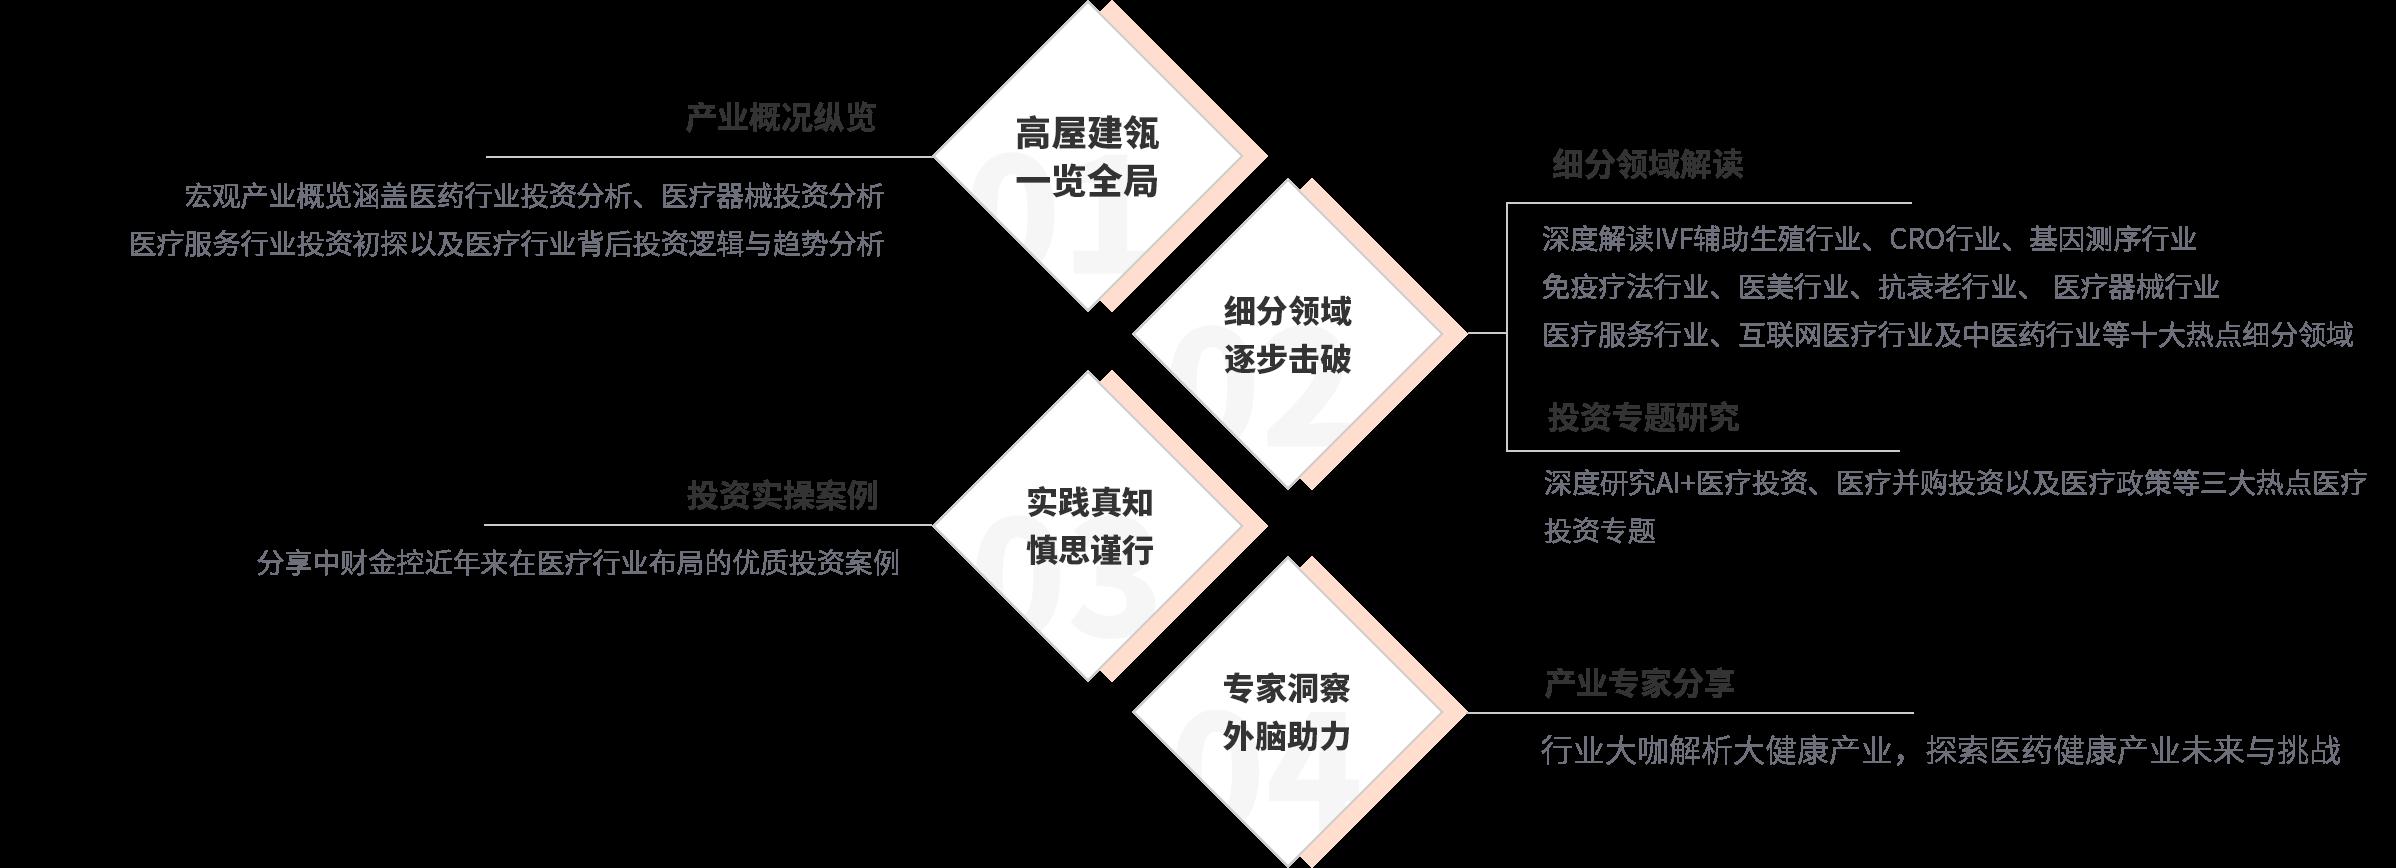 医疗健康产业投资_课程结构